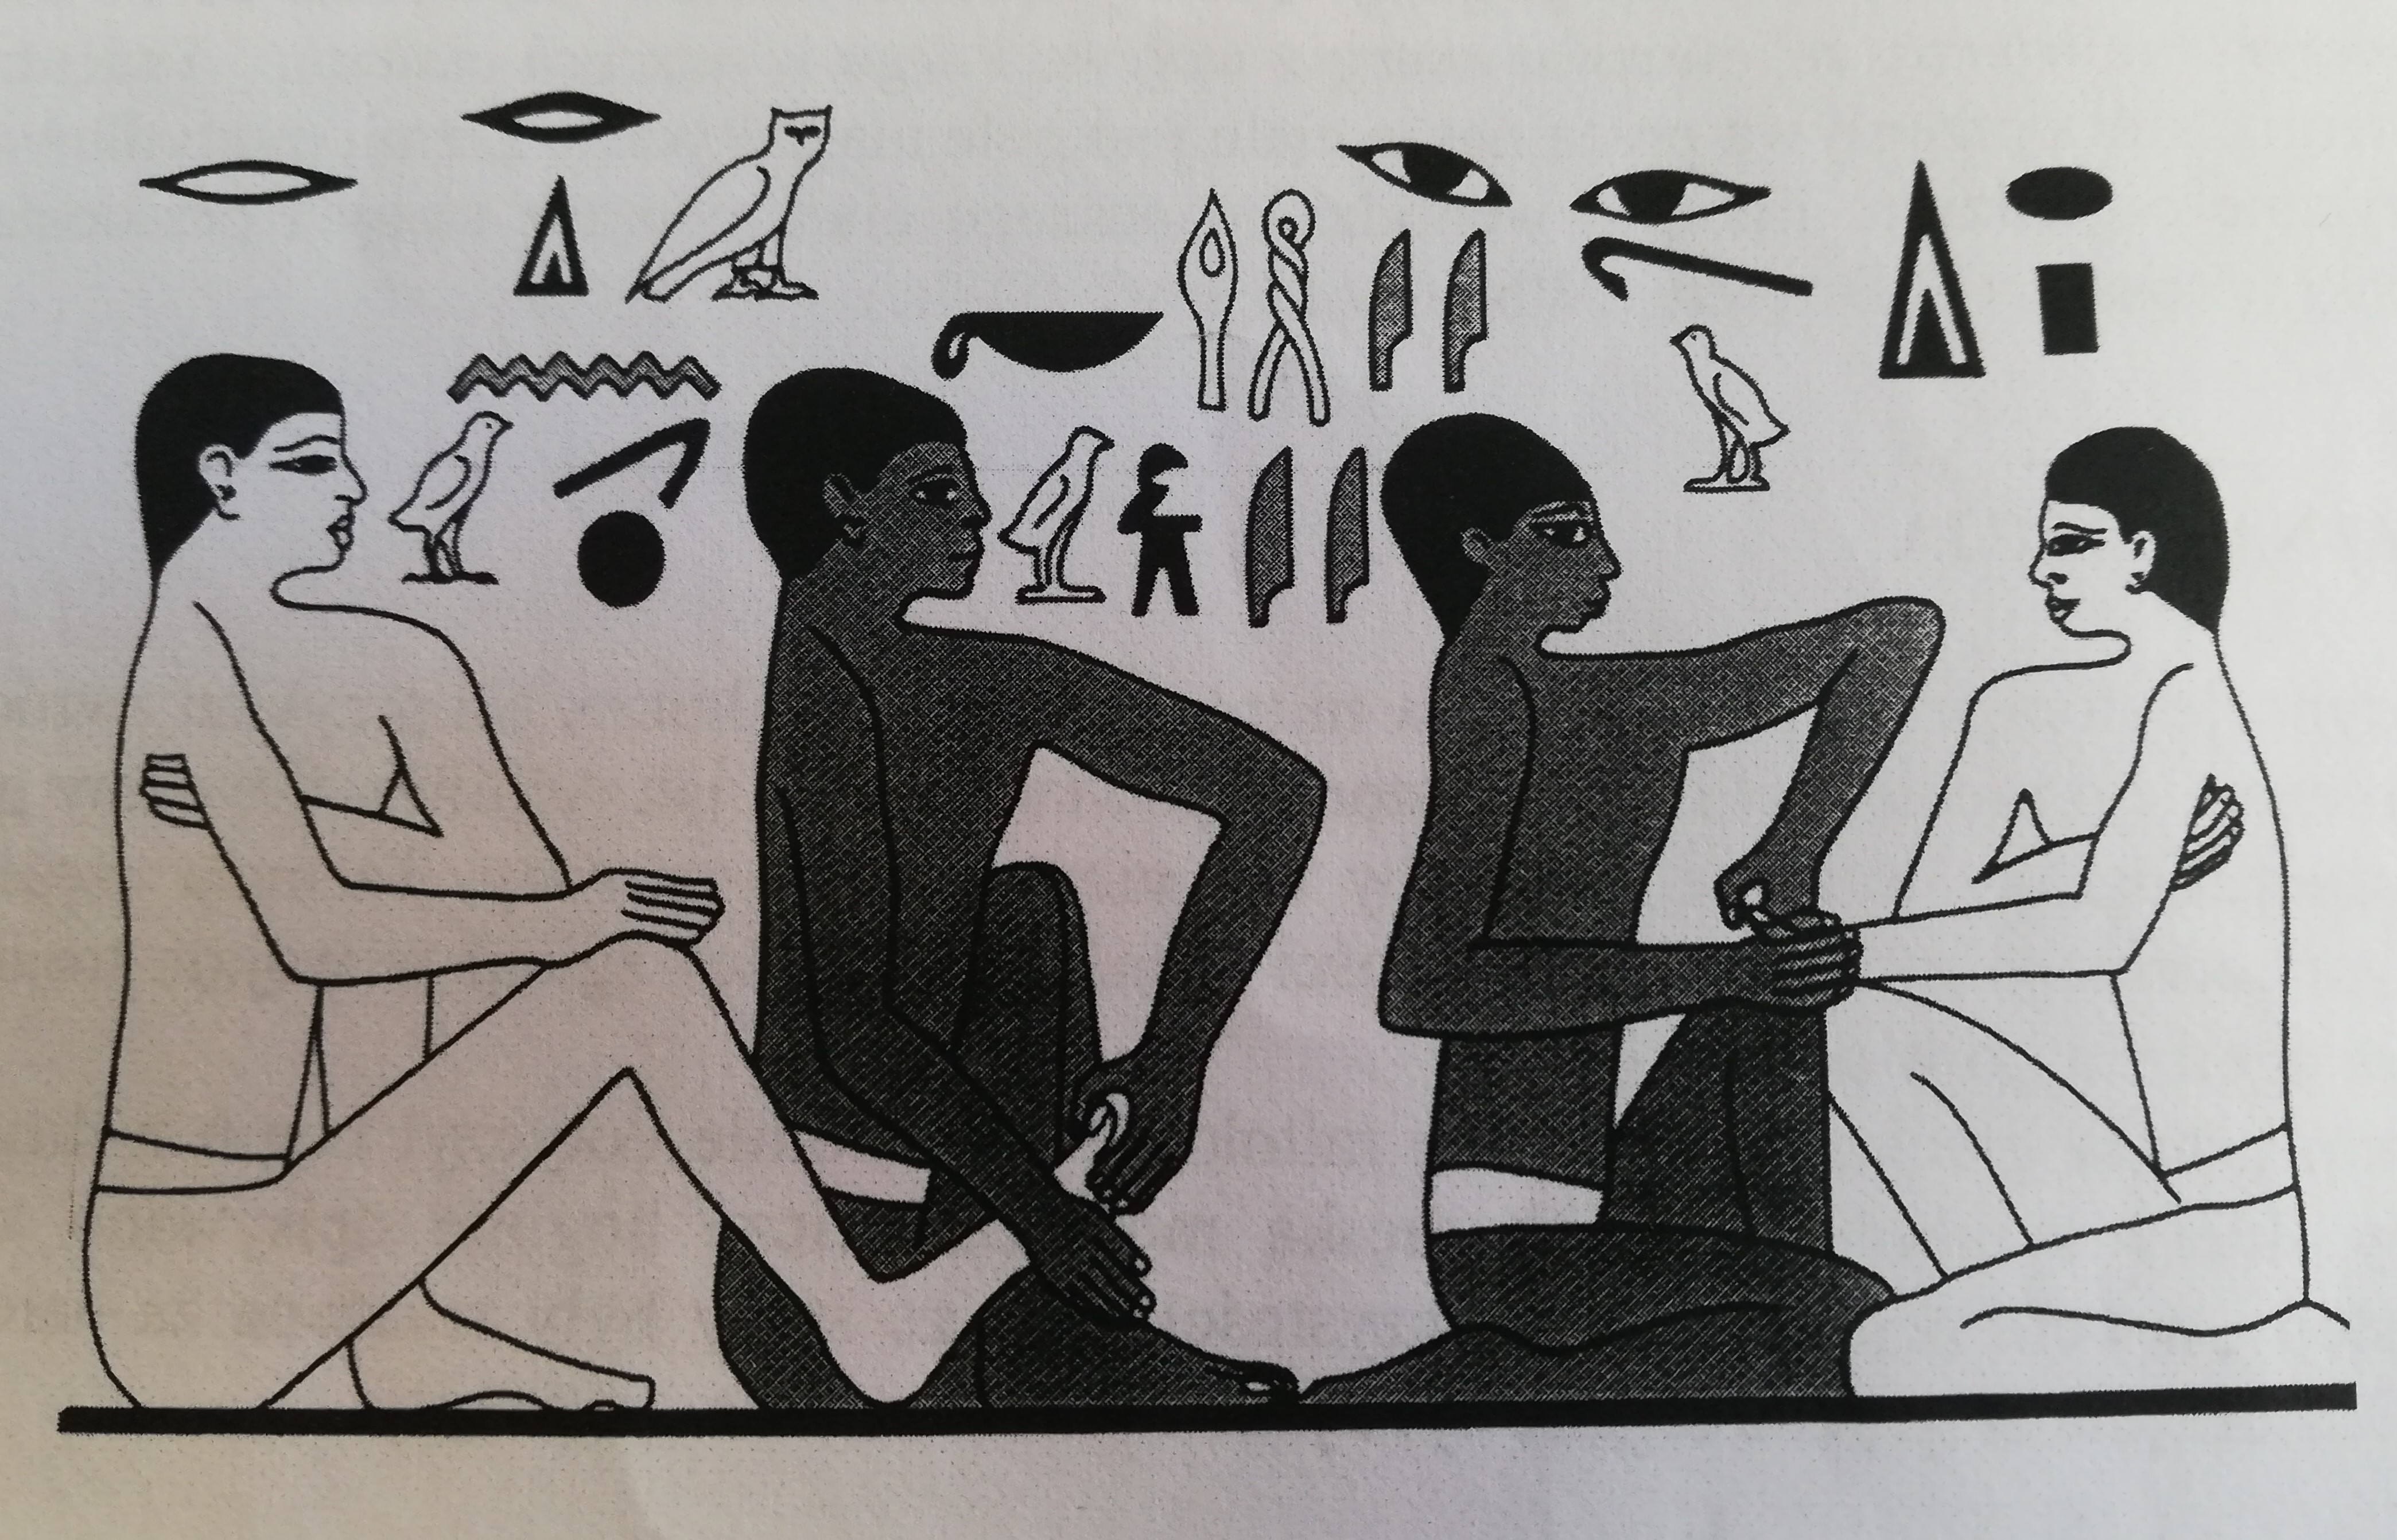 Obraz przedstawia piktogram z Sakkry, na którym ówcześni lekarze leczą swoim pacjentów poprzez masaż